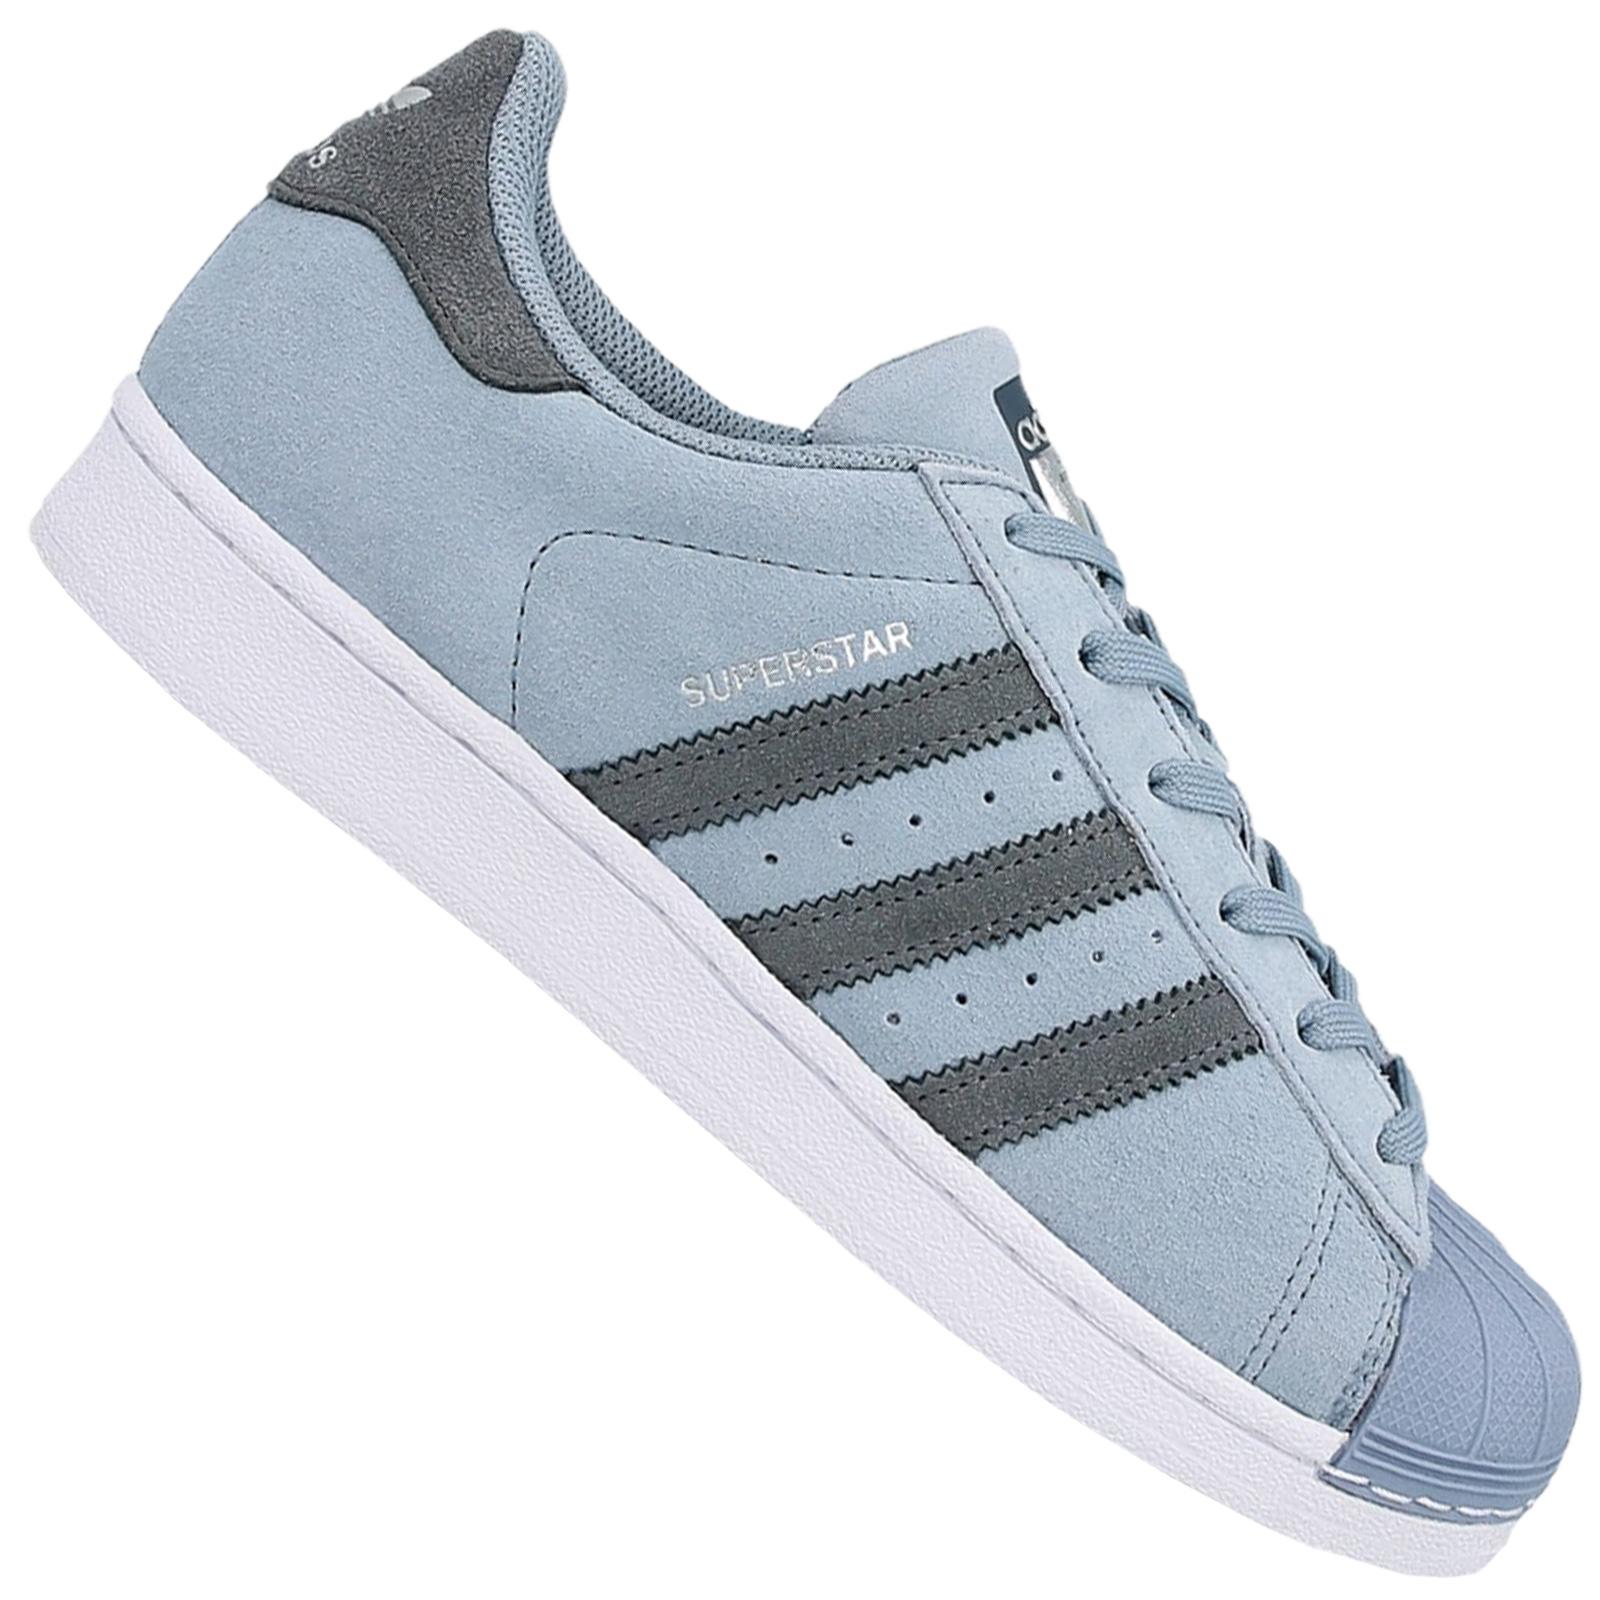 size 40 fd780 7d2d0 adidas Superstar Sneaker Schuhe Turnschuhe Leder Tactile Blue Blau BZ0361